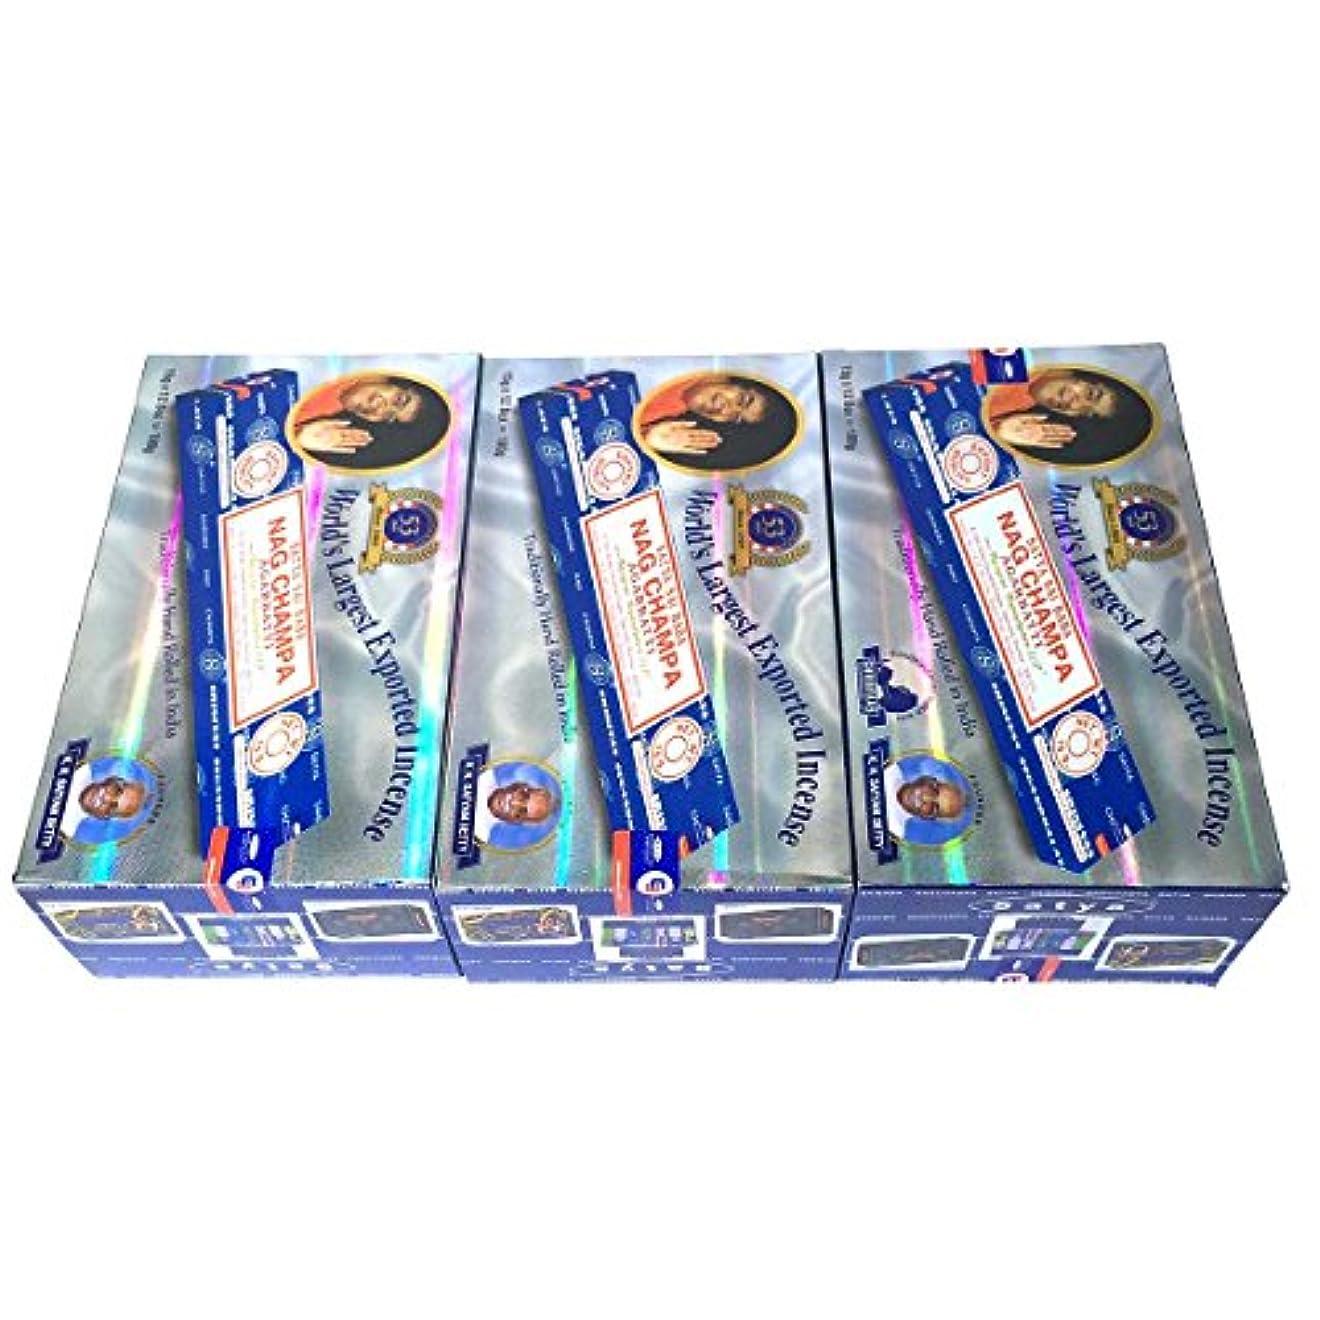 数学者ティームビーズサイババ ナグチャンパ香 スティック 3BOX(36箱) 送料無料 /SATYA SAI BABA NAG CHAMPA /インセンス/インド香 お香/アジアン雑貨 [並行輸入品]